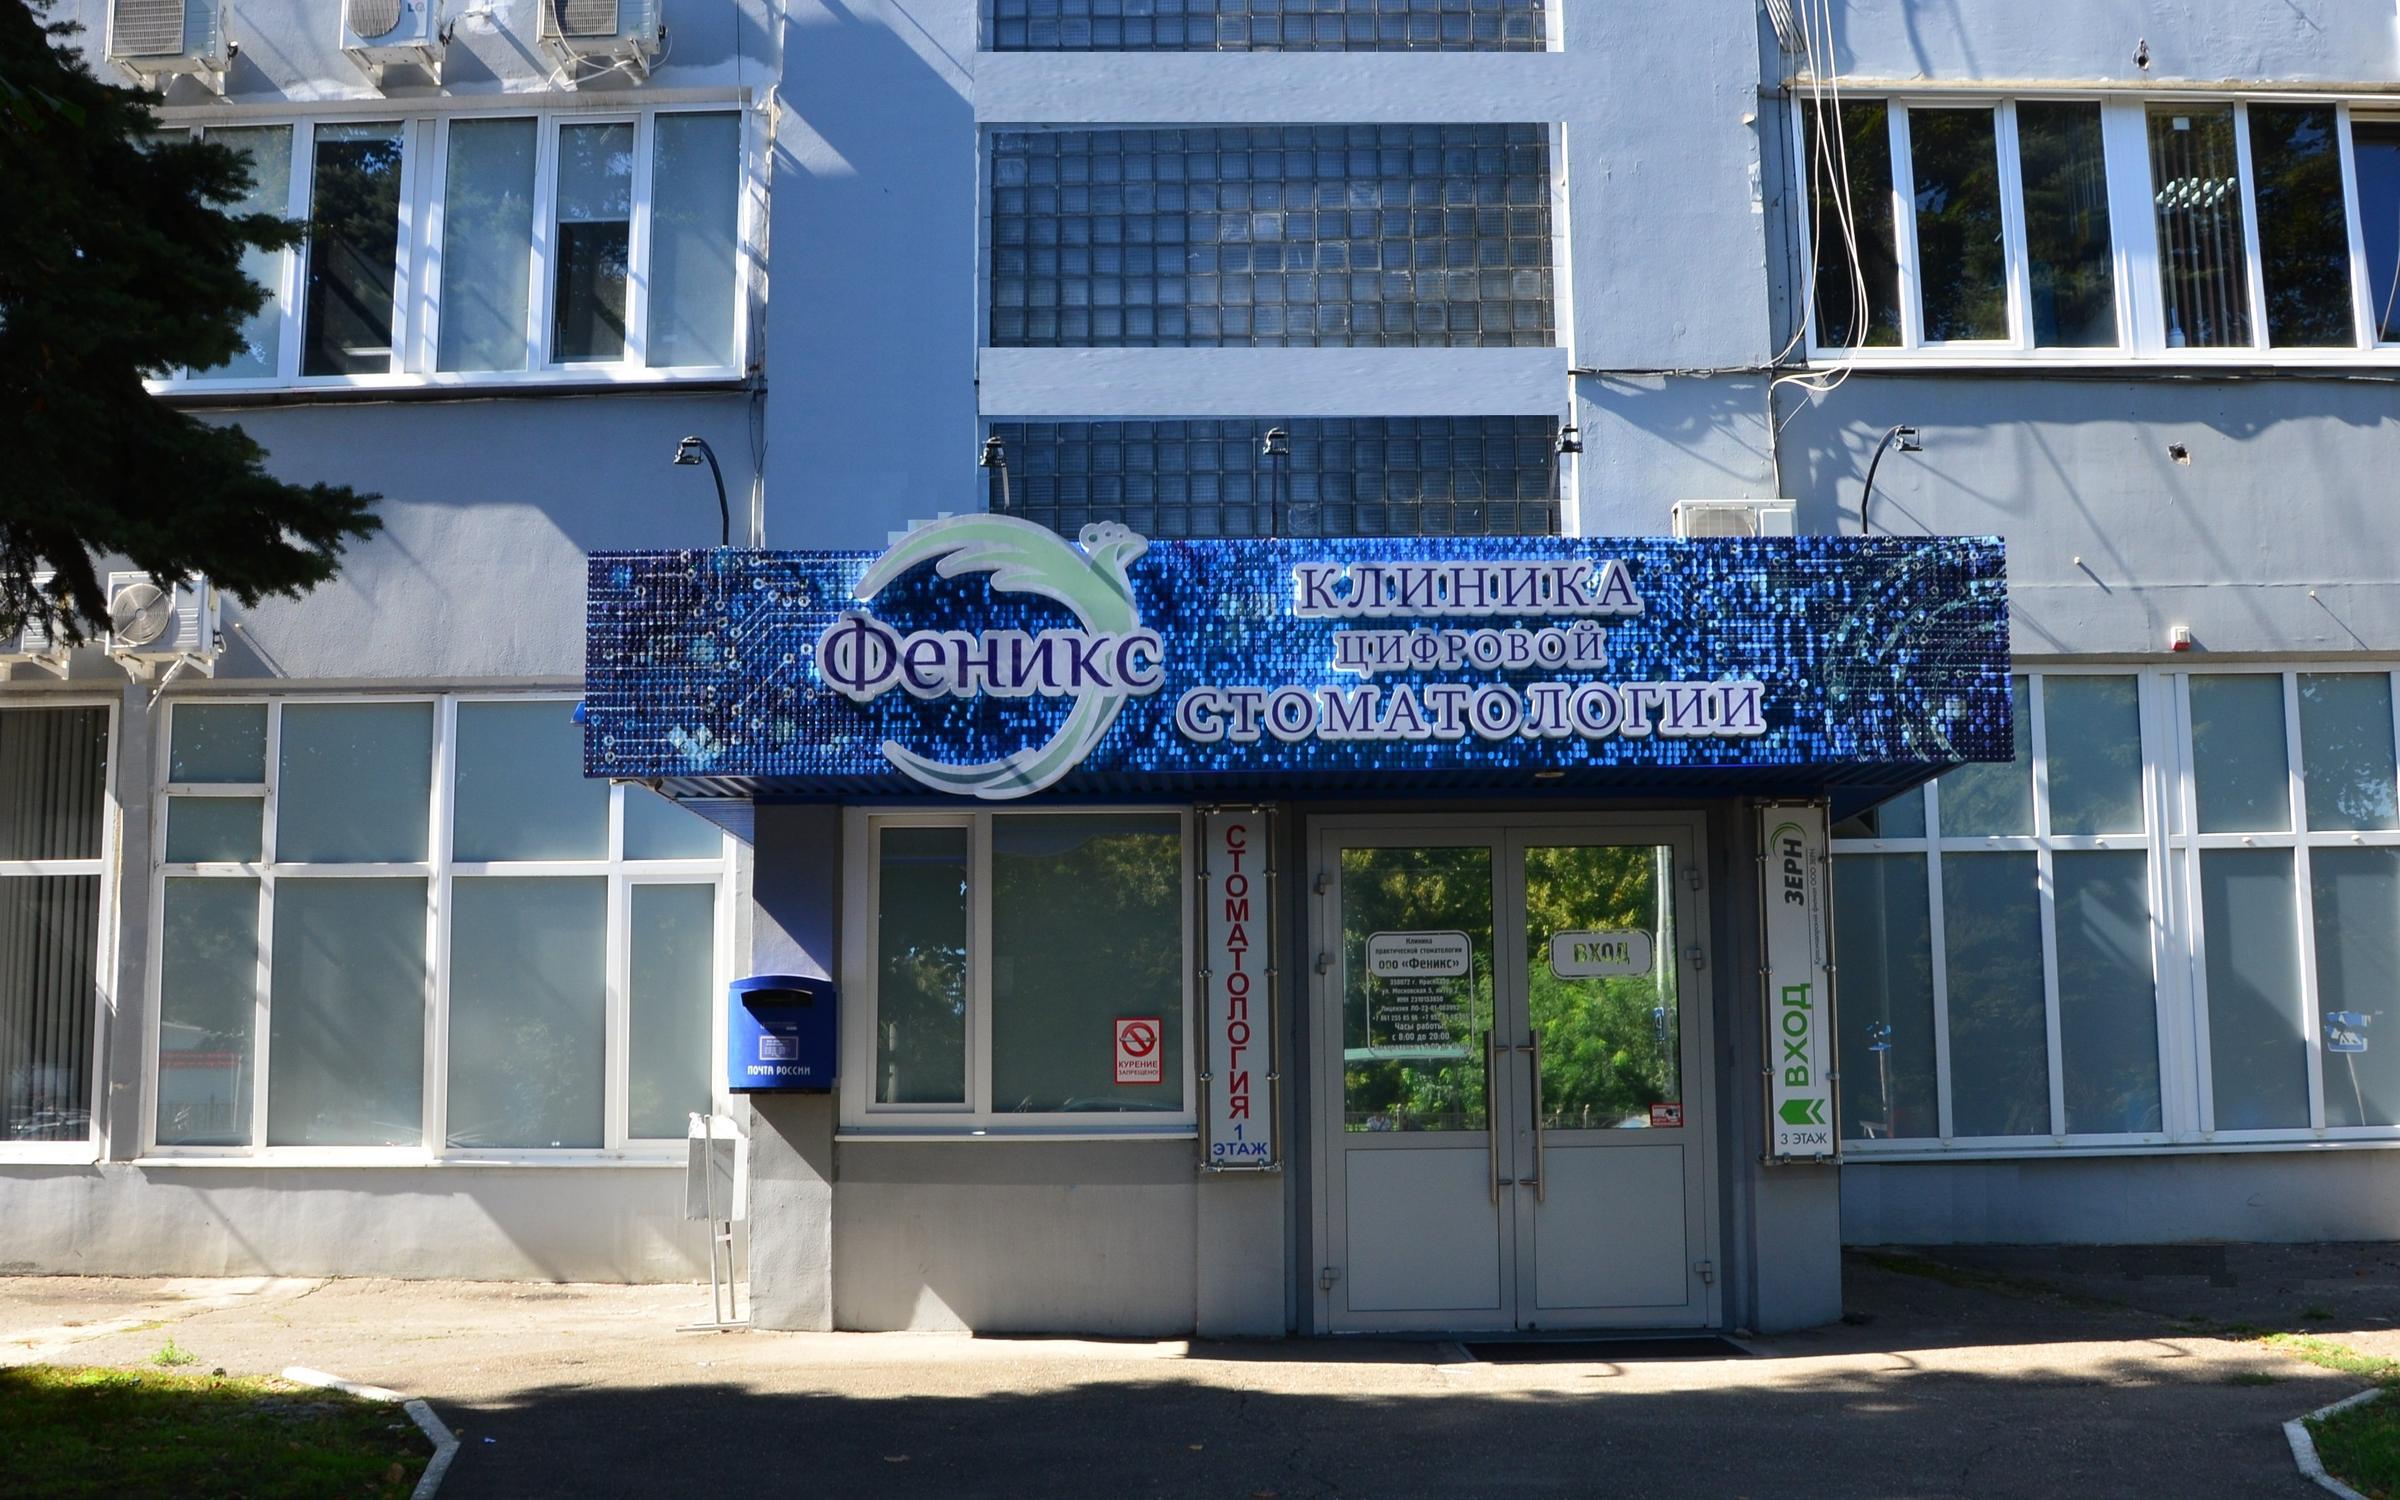 фотография Клиники цифровой стоматологии Феникс на Московской улице